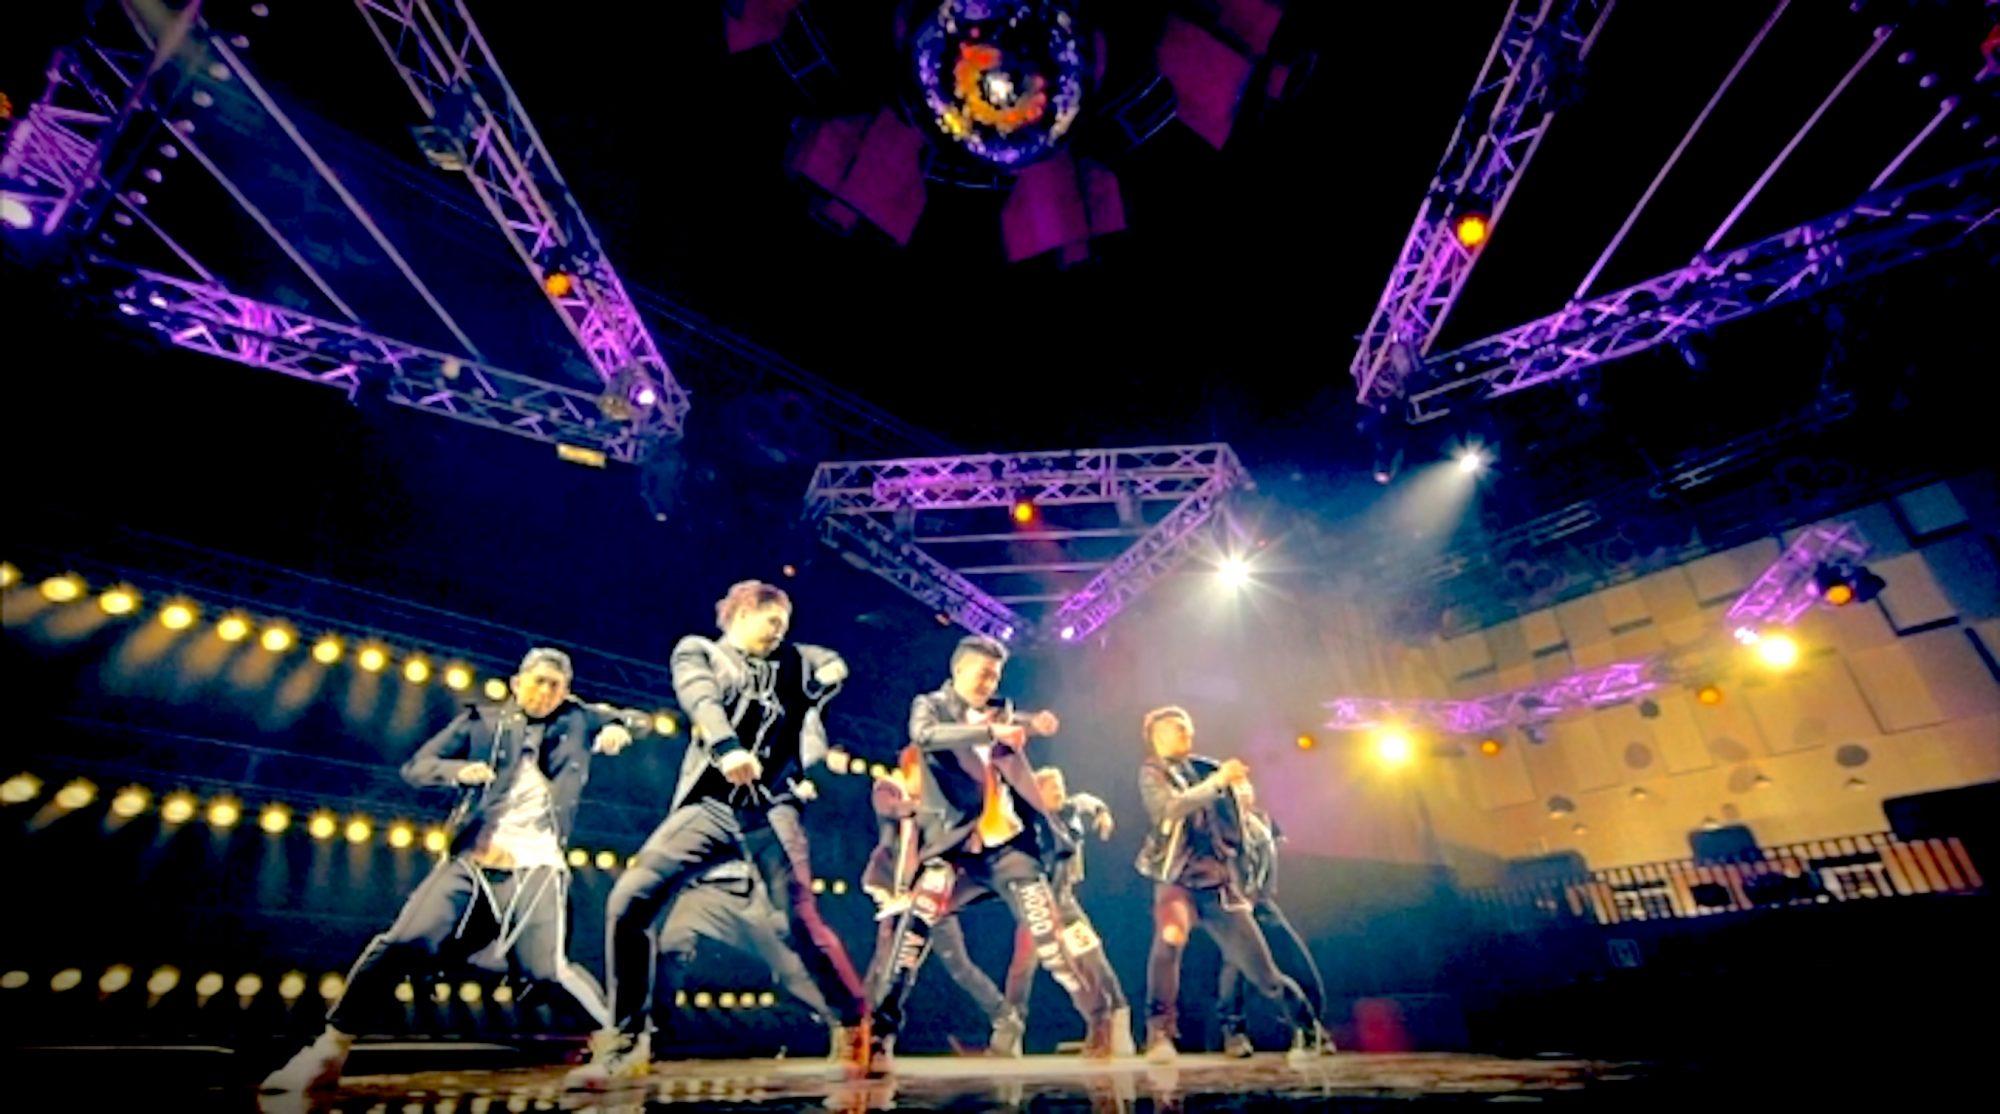 話題のカリスマモデル紗蘭&藤田ニコルが回る!世界的ダンスチームの記念すべきメジャー第一弾シングルのMVは目が回る360°回転ライブ!